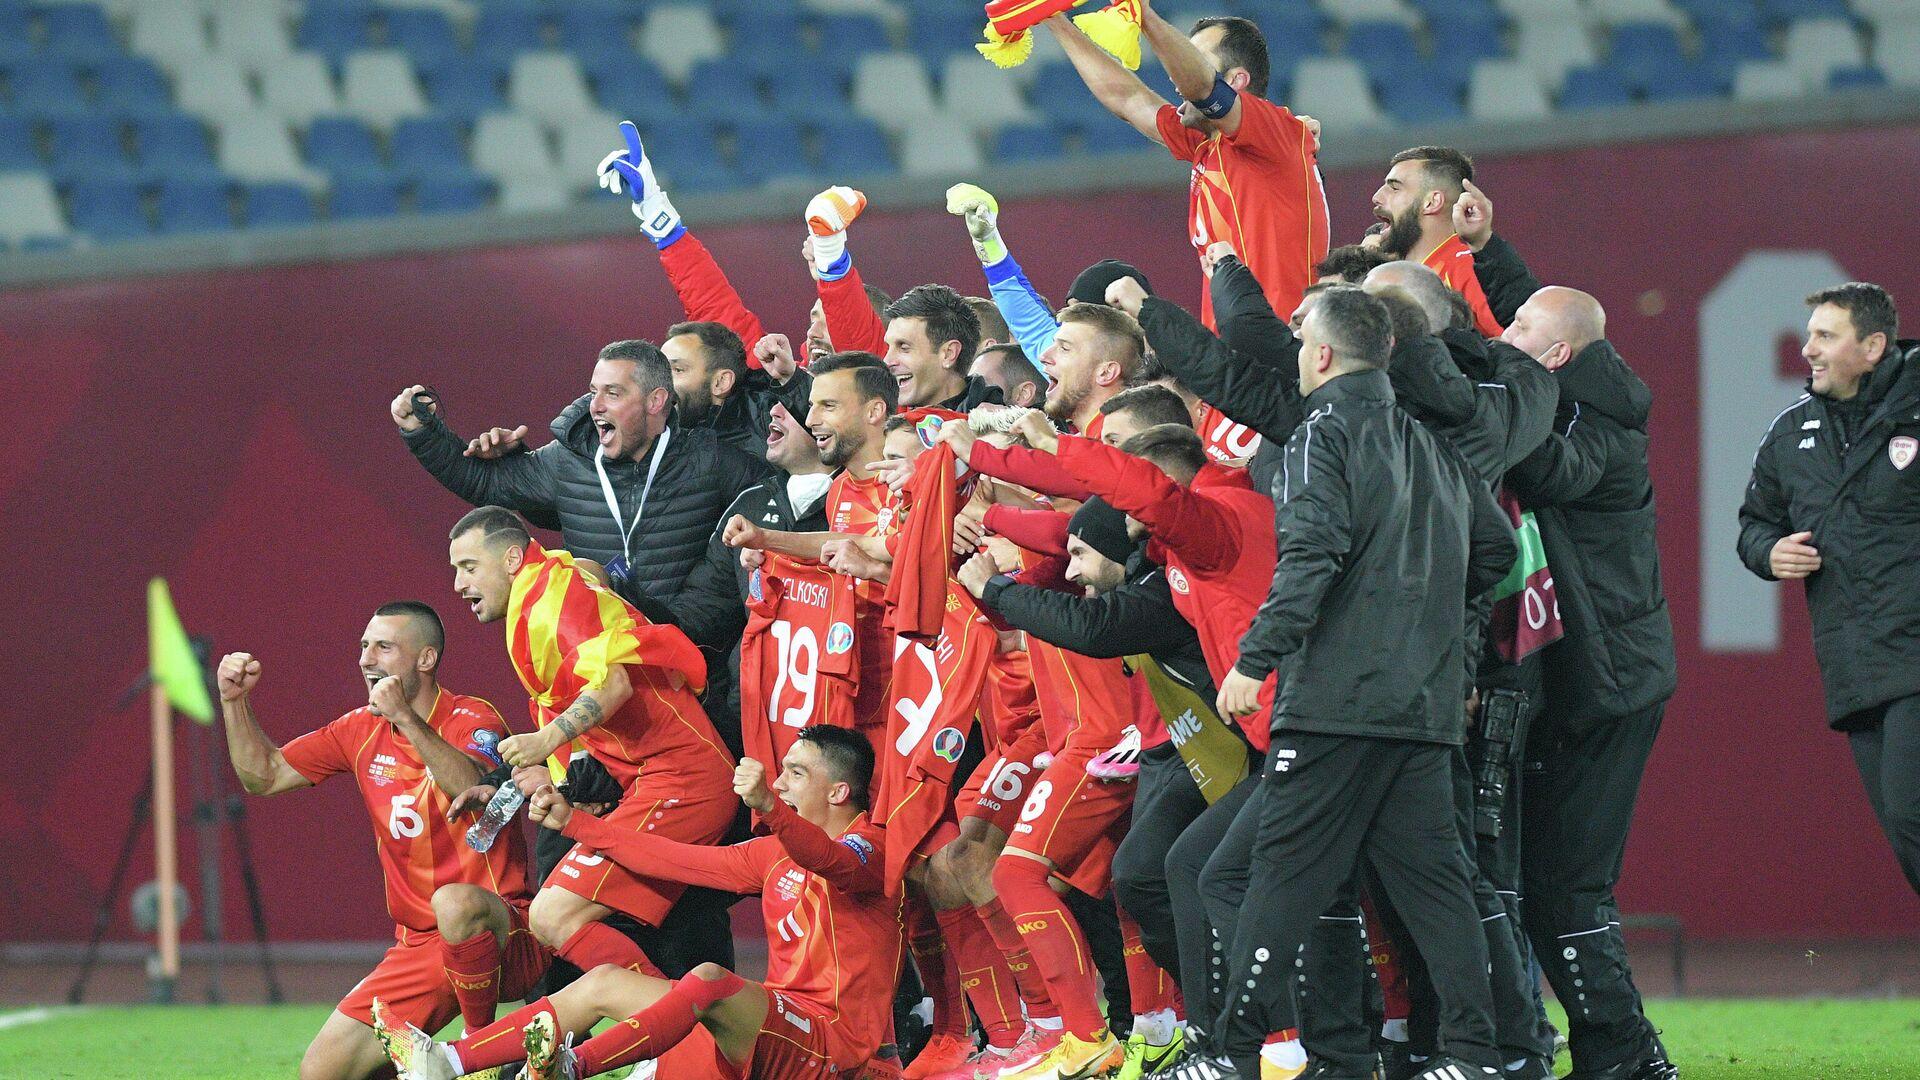 Футболисты сборной Северной Македонии радуются выходу на ЕВРО-2020 - РИА Новости, 1920, 13.11.2020